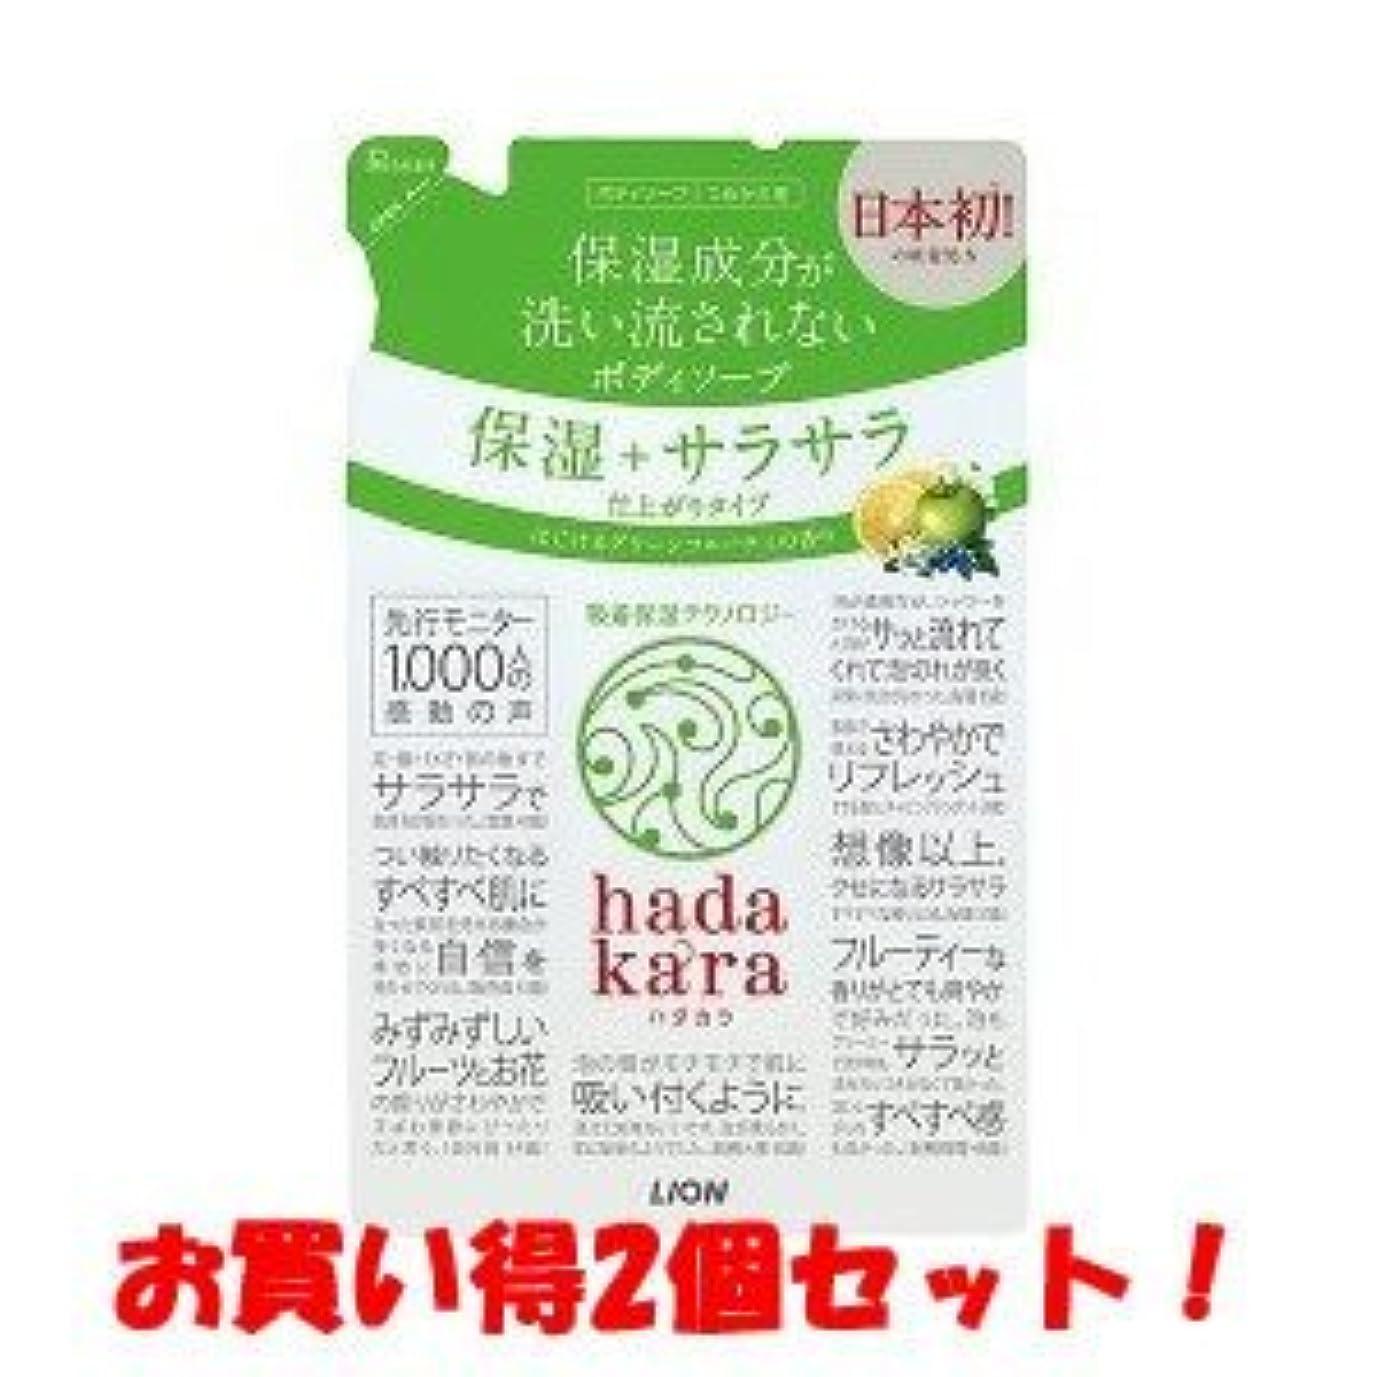 曖昧なライナー微妙(2017年新商品)(ライオン)hadakara(ハダカラ) ボディソープ 保湿+サラサラ仕上がりタイプ グリーンフルーティの香り つめかえ用 340ml(お買い得2個セット)